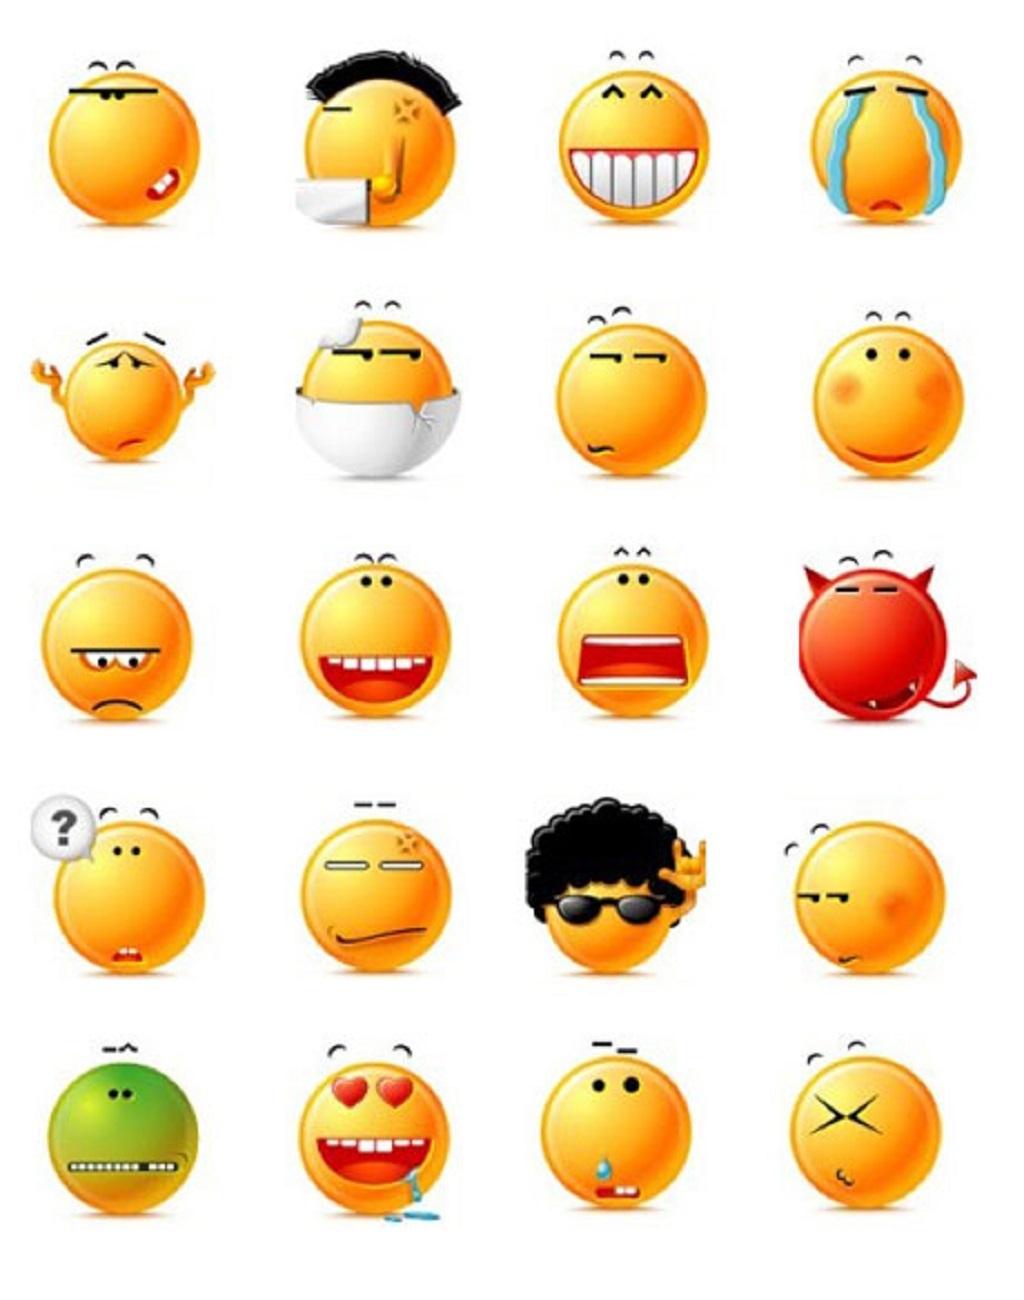 可爱旺旺表情吐舌头psd素材图片下载qq笑脸图片